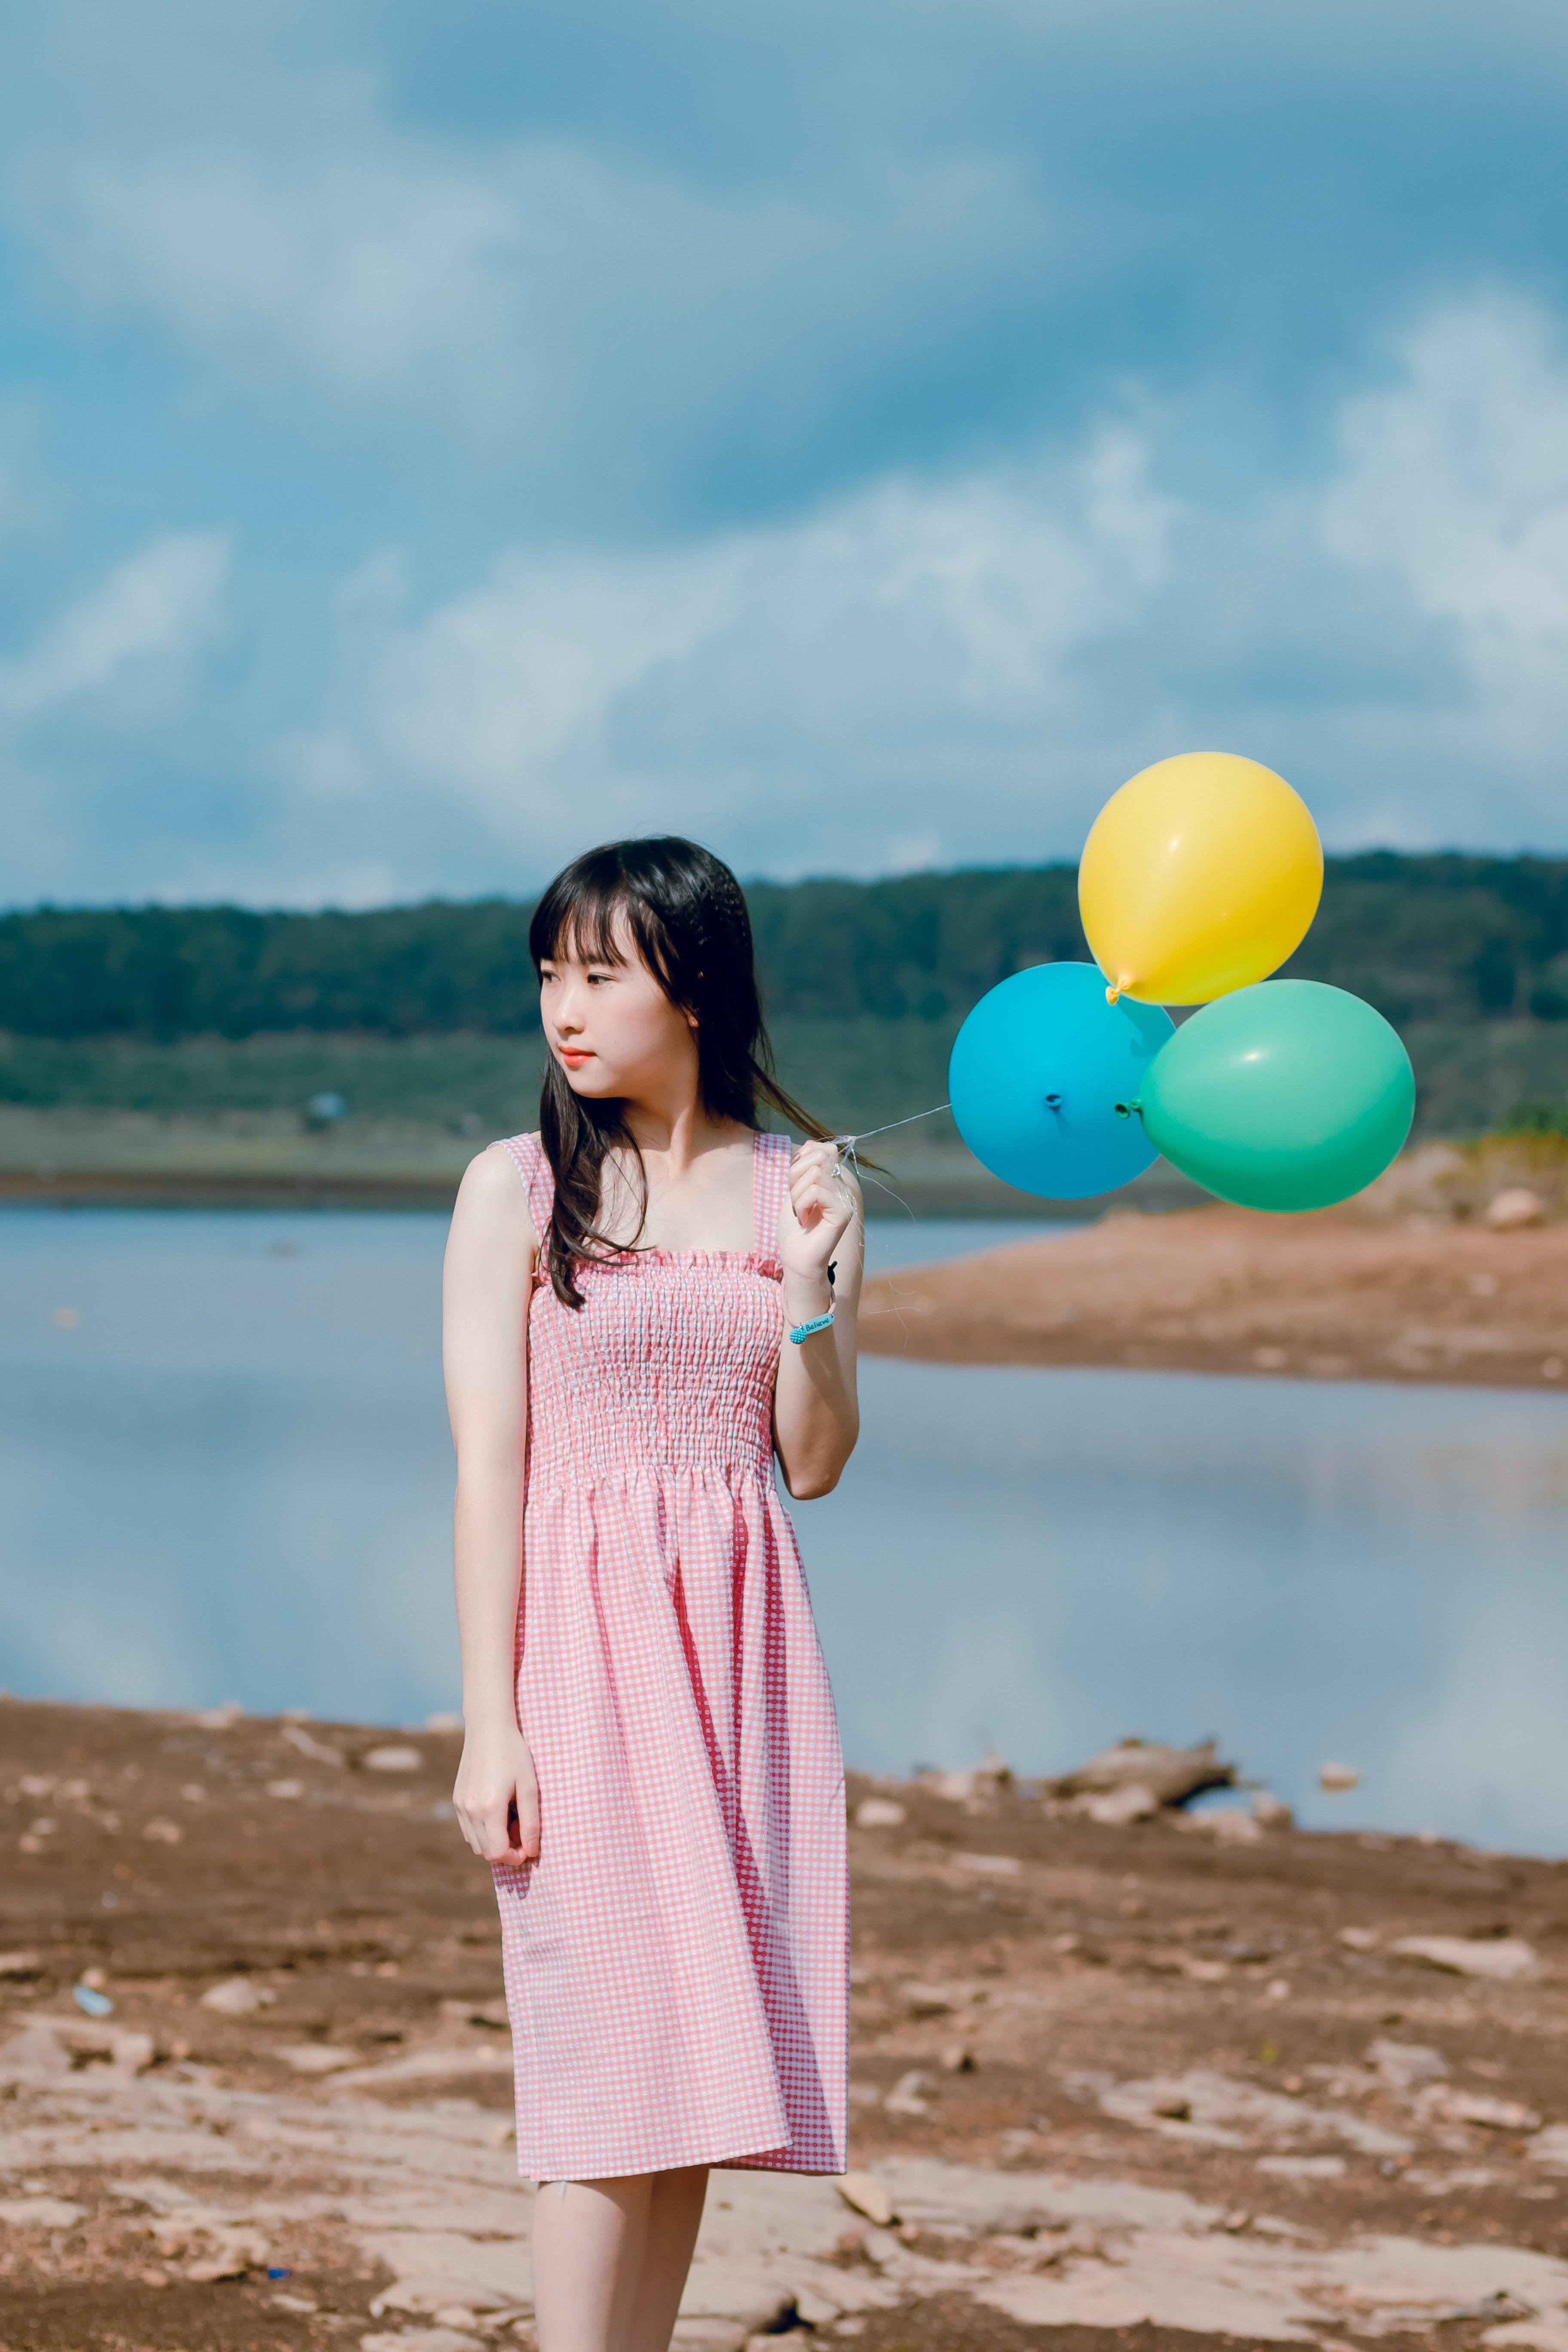 balonlar, boş zaman, çeşit, eğlence içeren Ücretsiz stok fotoğraf